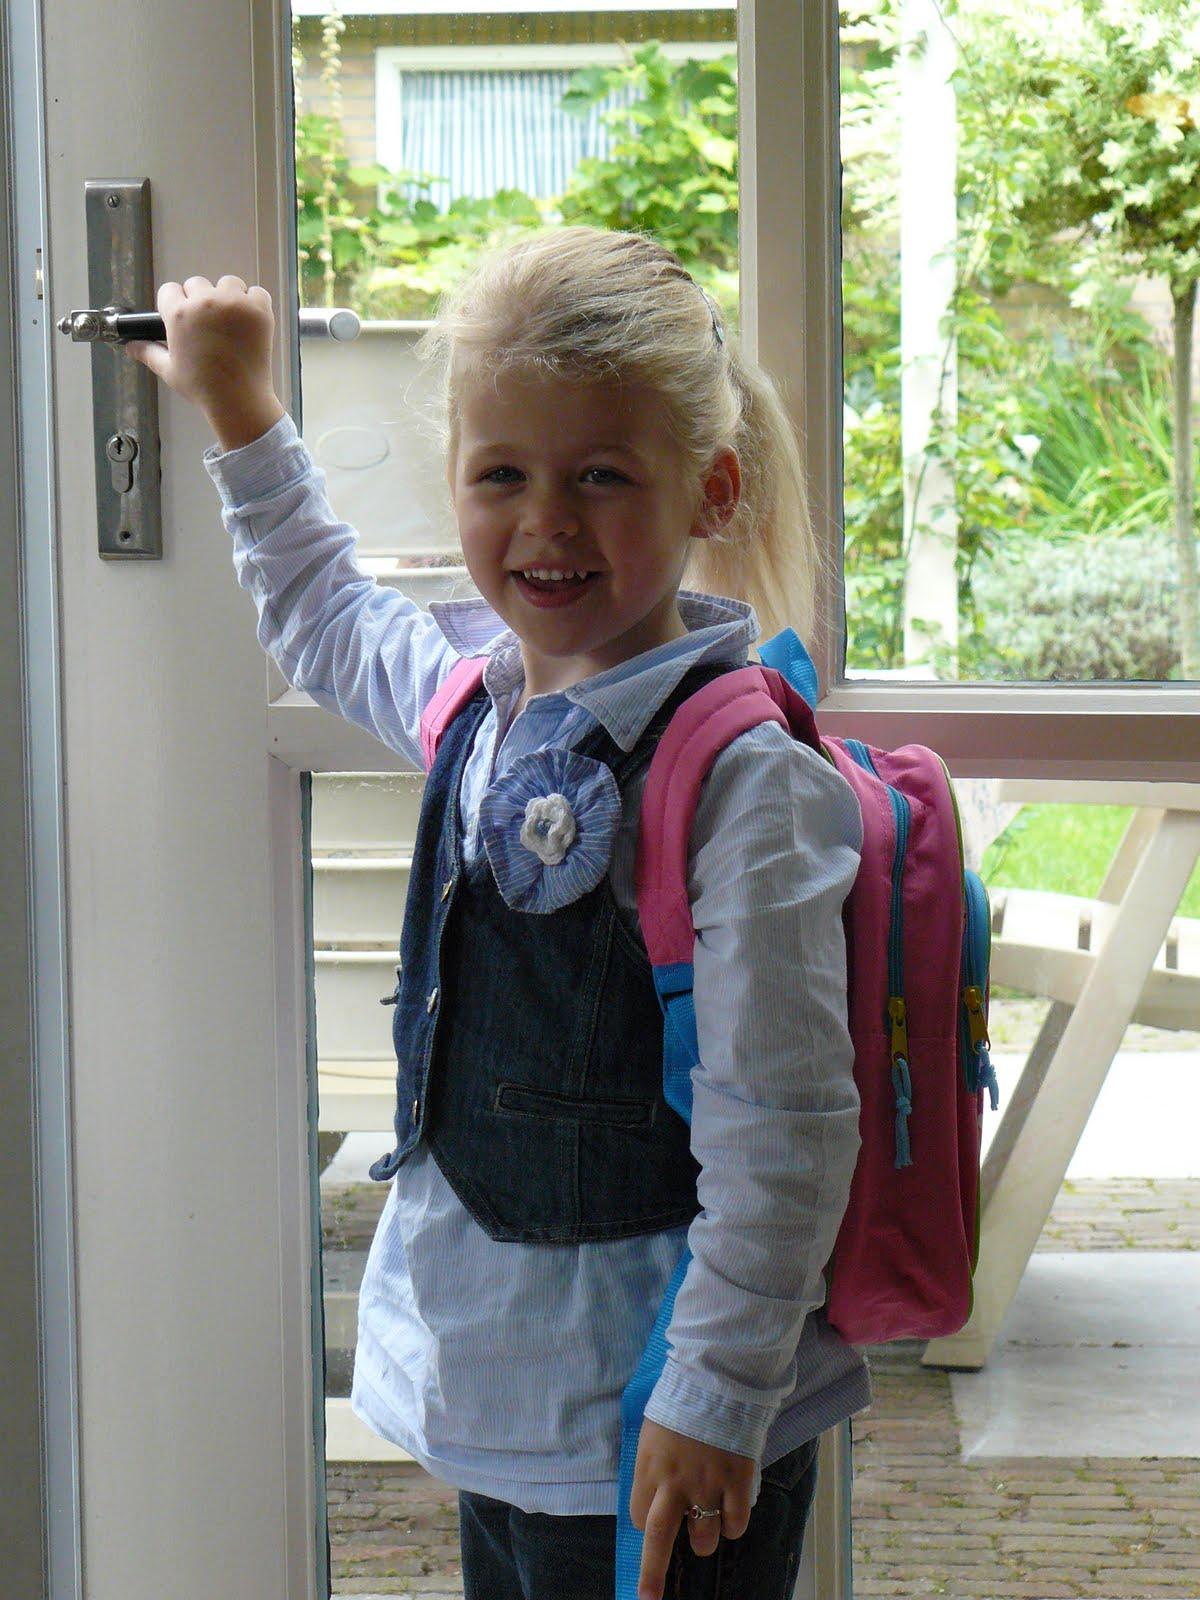 Tierelantijn augustus 2011 - Kleine teen indelingen meisje ...